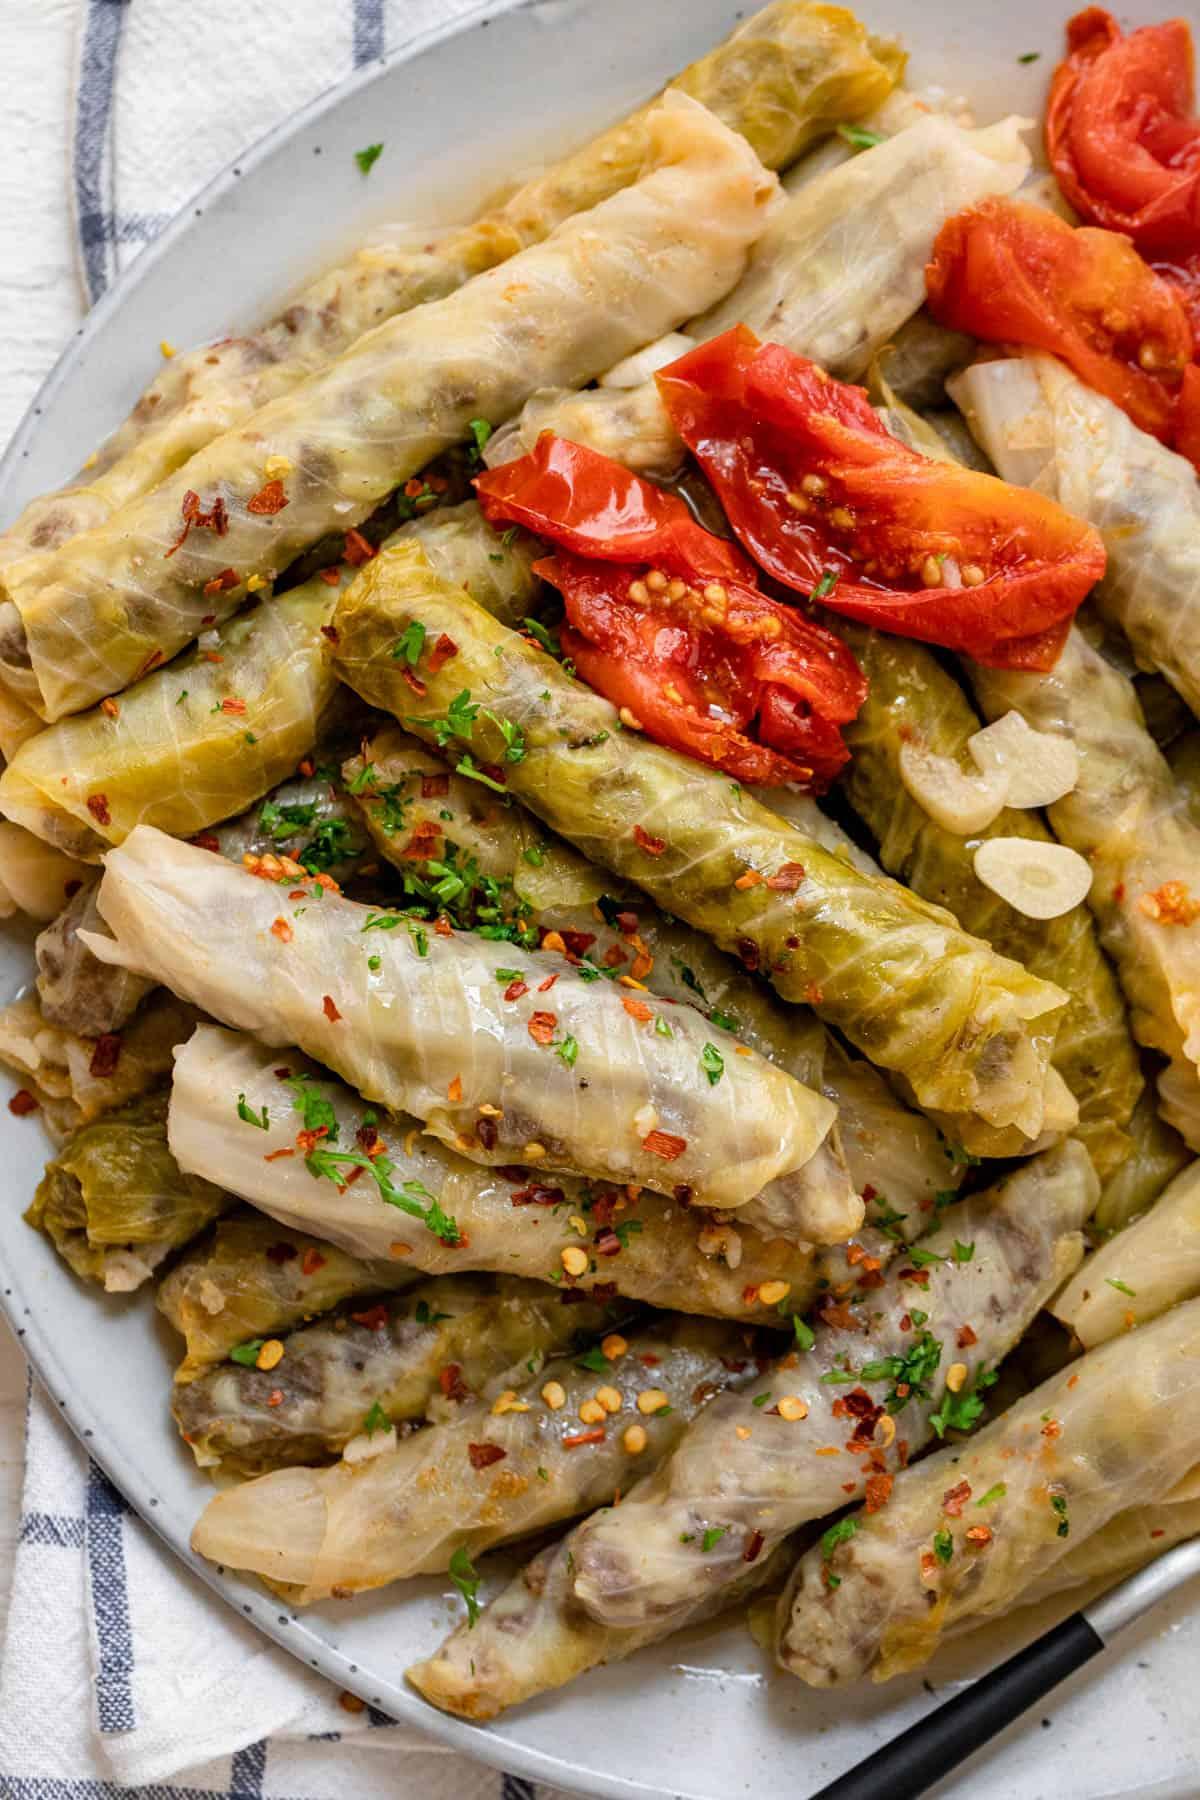 Large plate of stuffed cabbage - lebanese malfouf